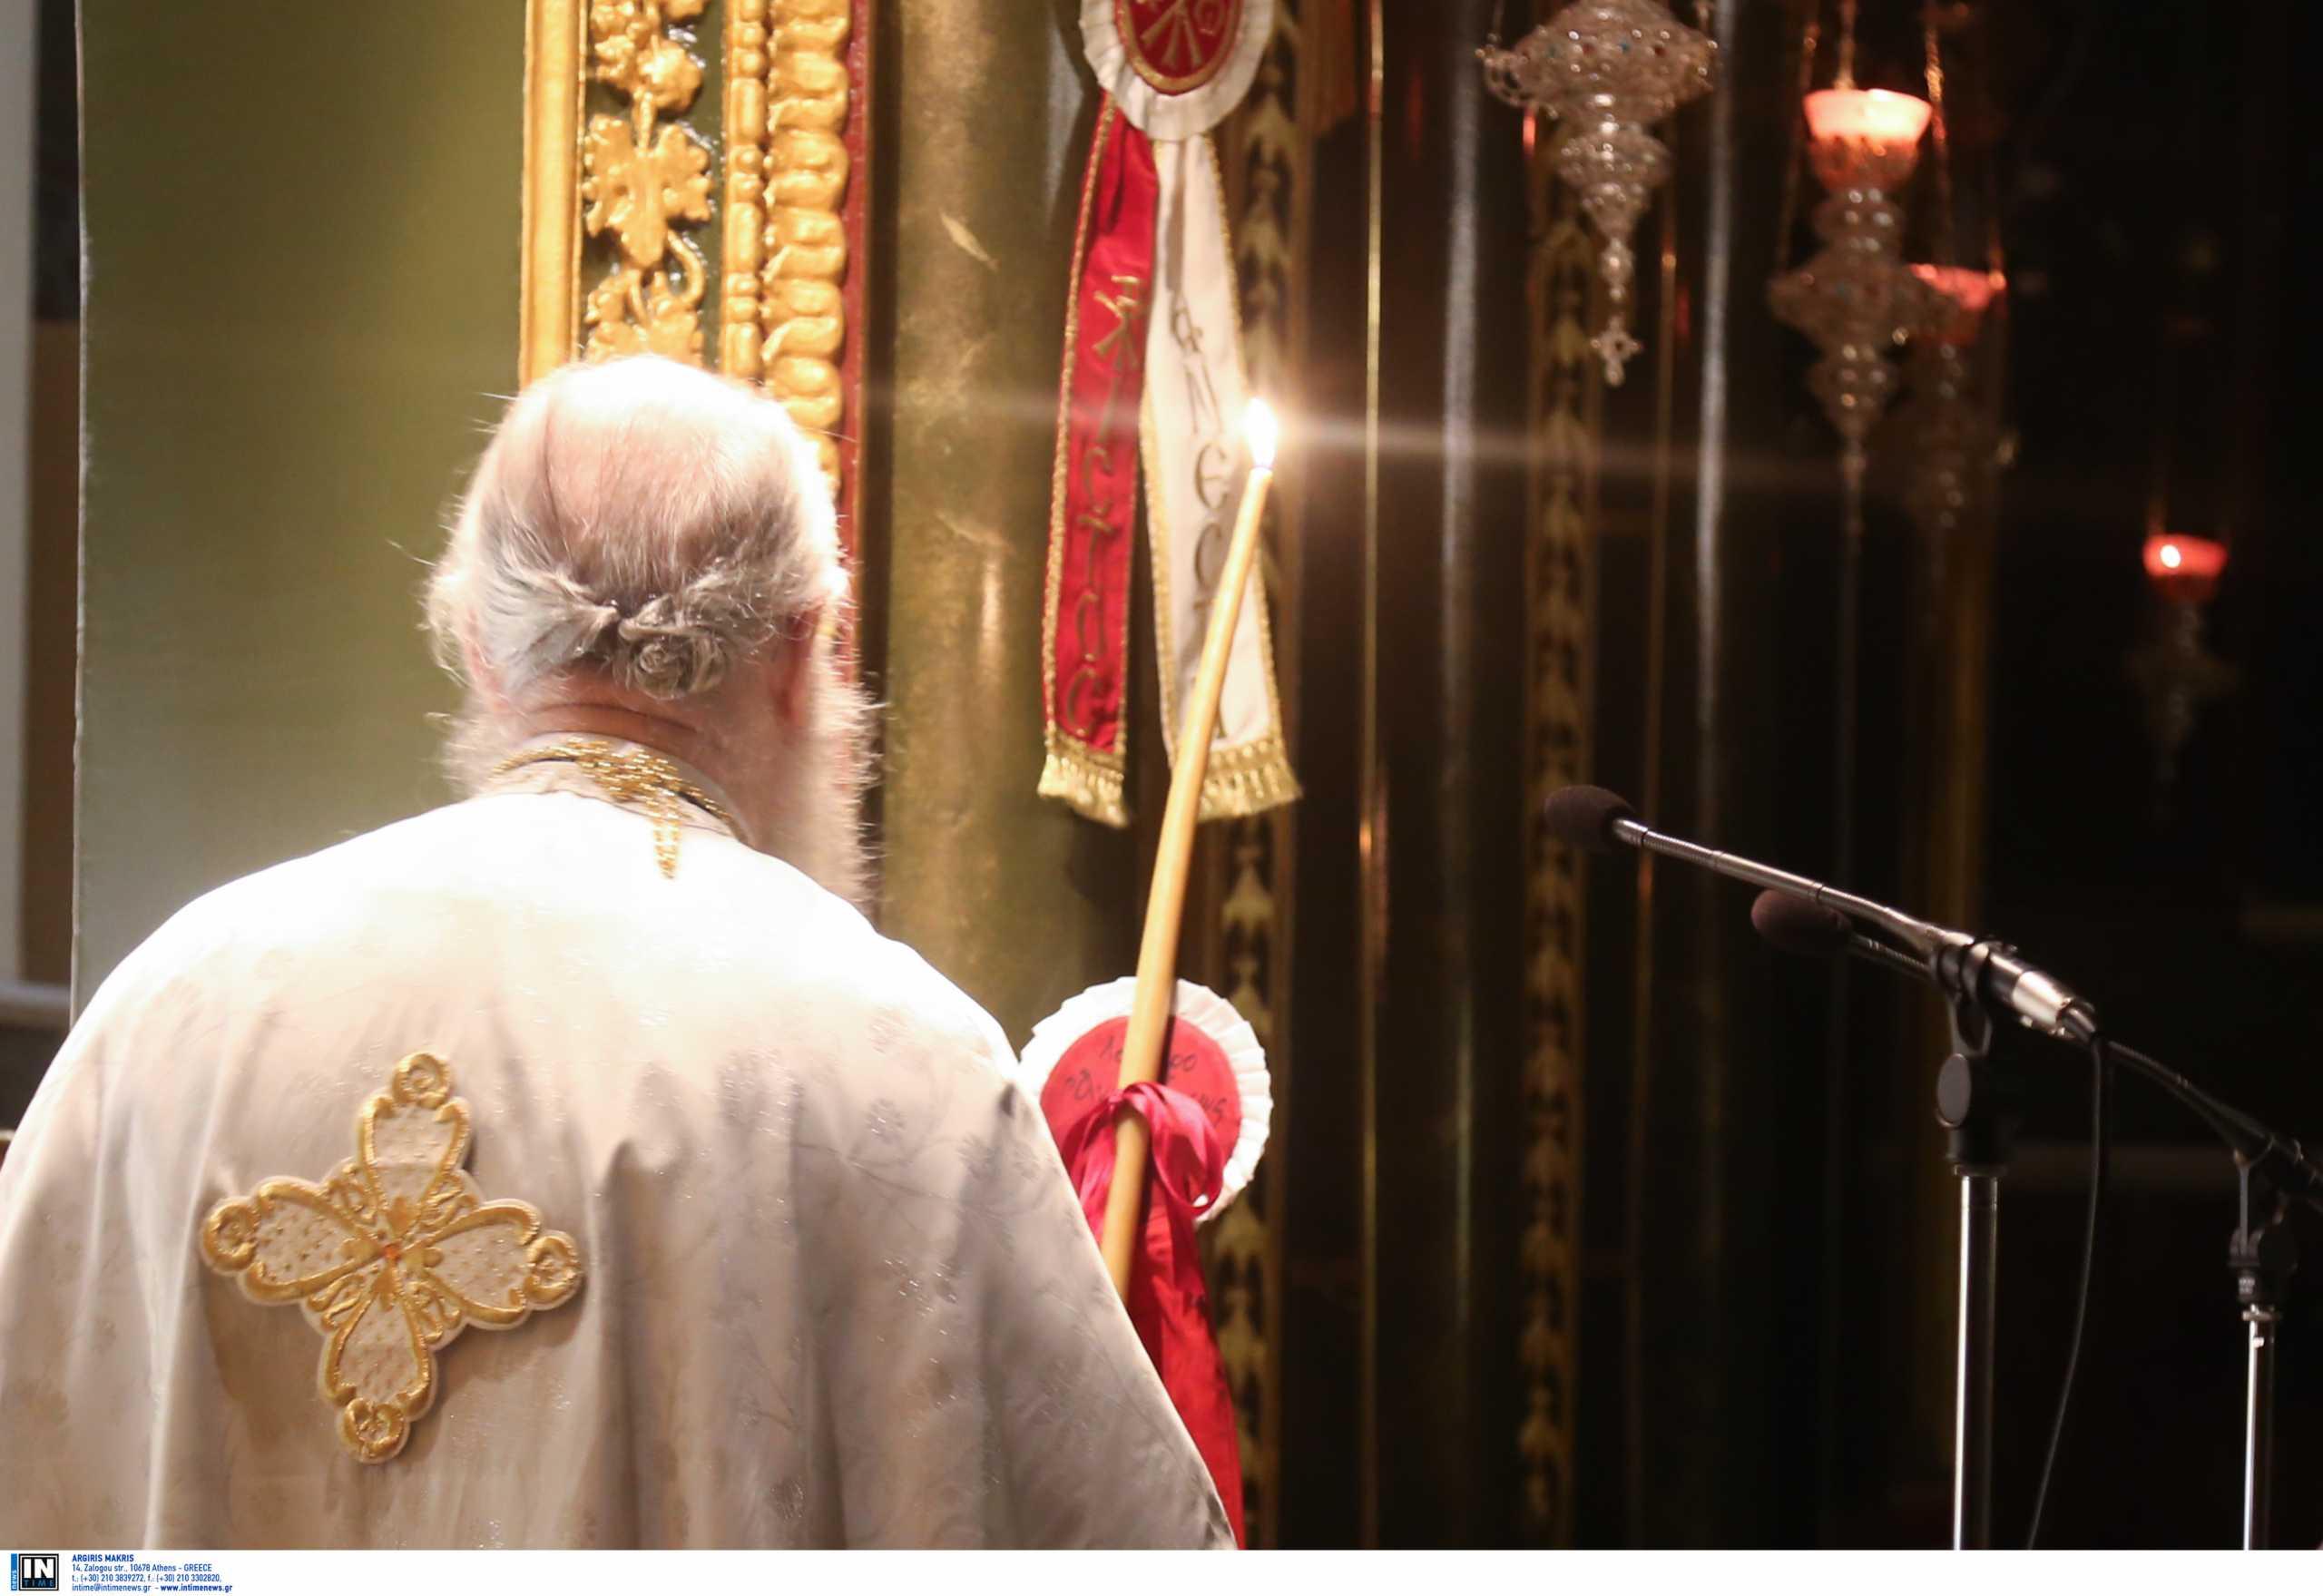 Ηράκλειο: Απειλές και κατάρες στον ιερέα για τους επερχόμενους εμβολιασμούς μέσα σε εκκλησία